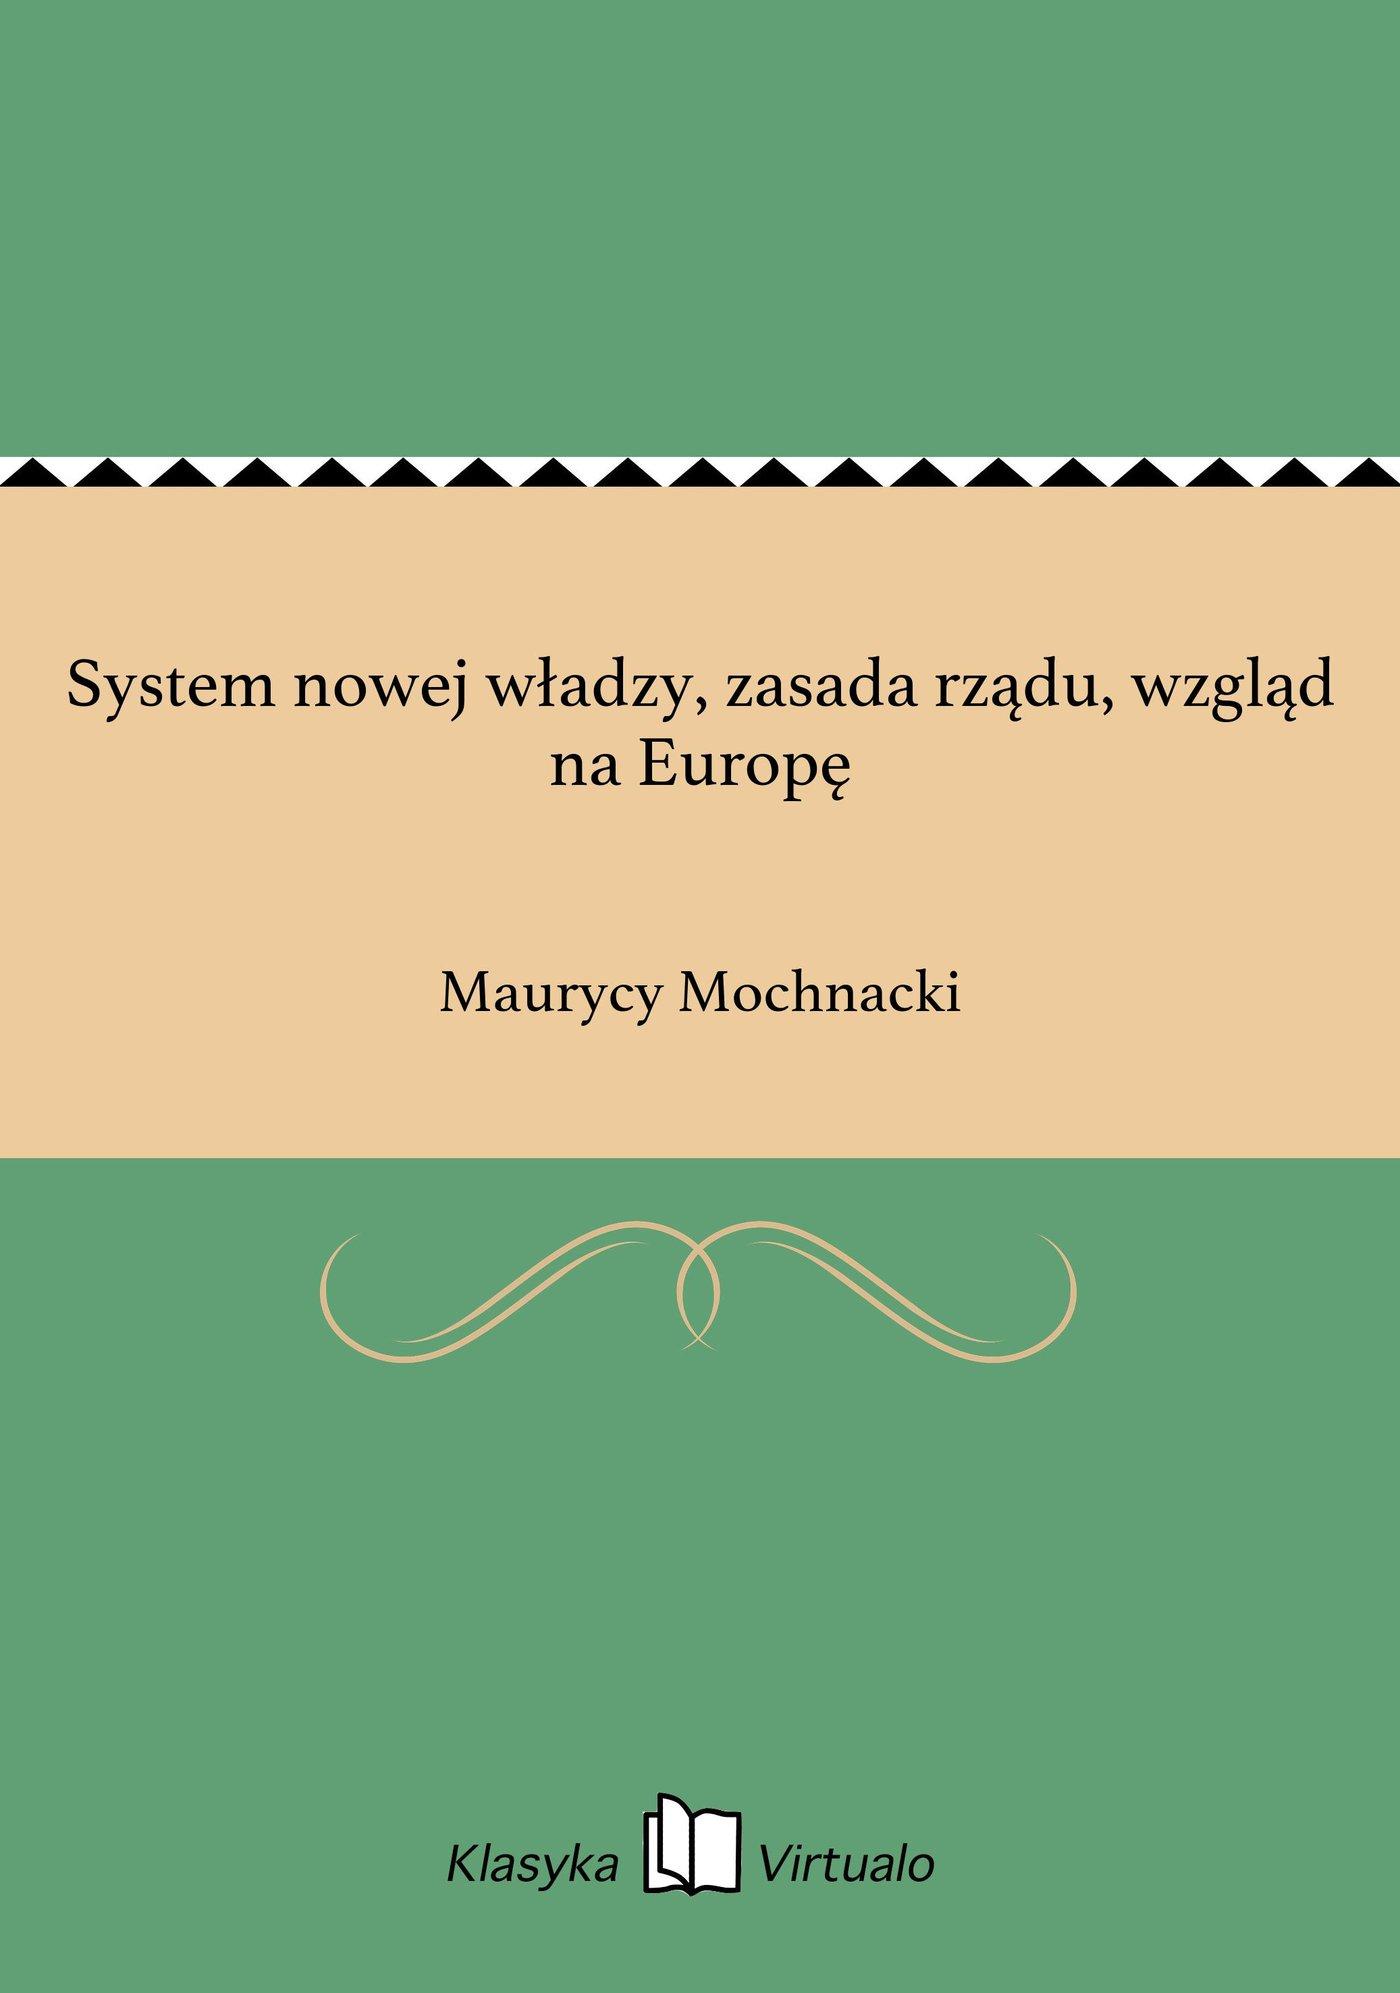 System nowej władzy, zasada rządu, wzgląd na Europę - Ebook (Książka EPUB) do pobrania w formacie EPUB